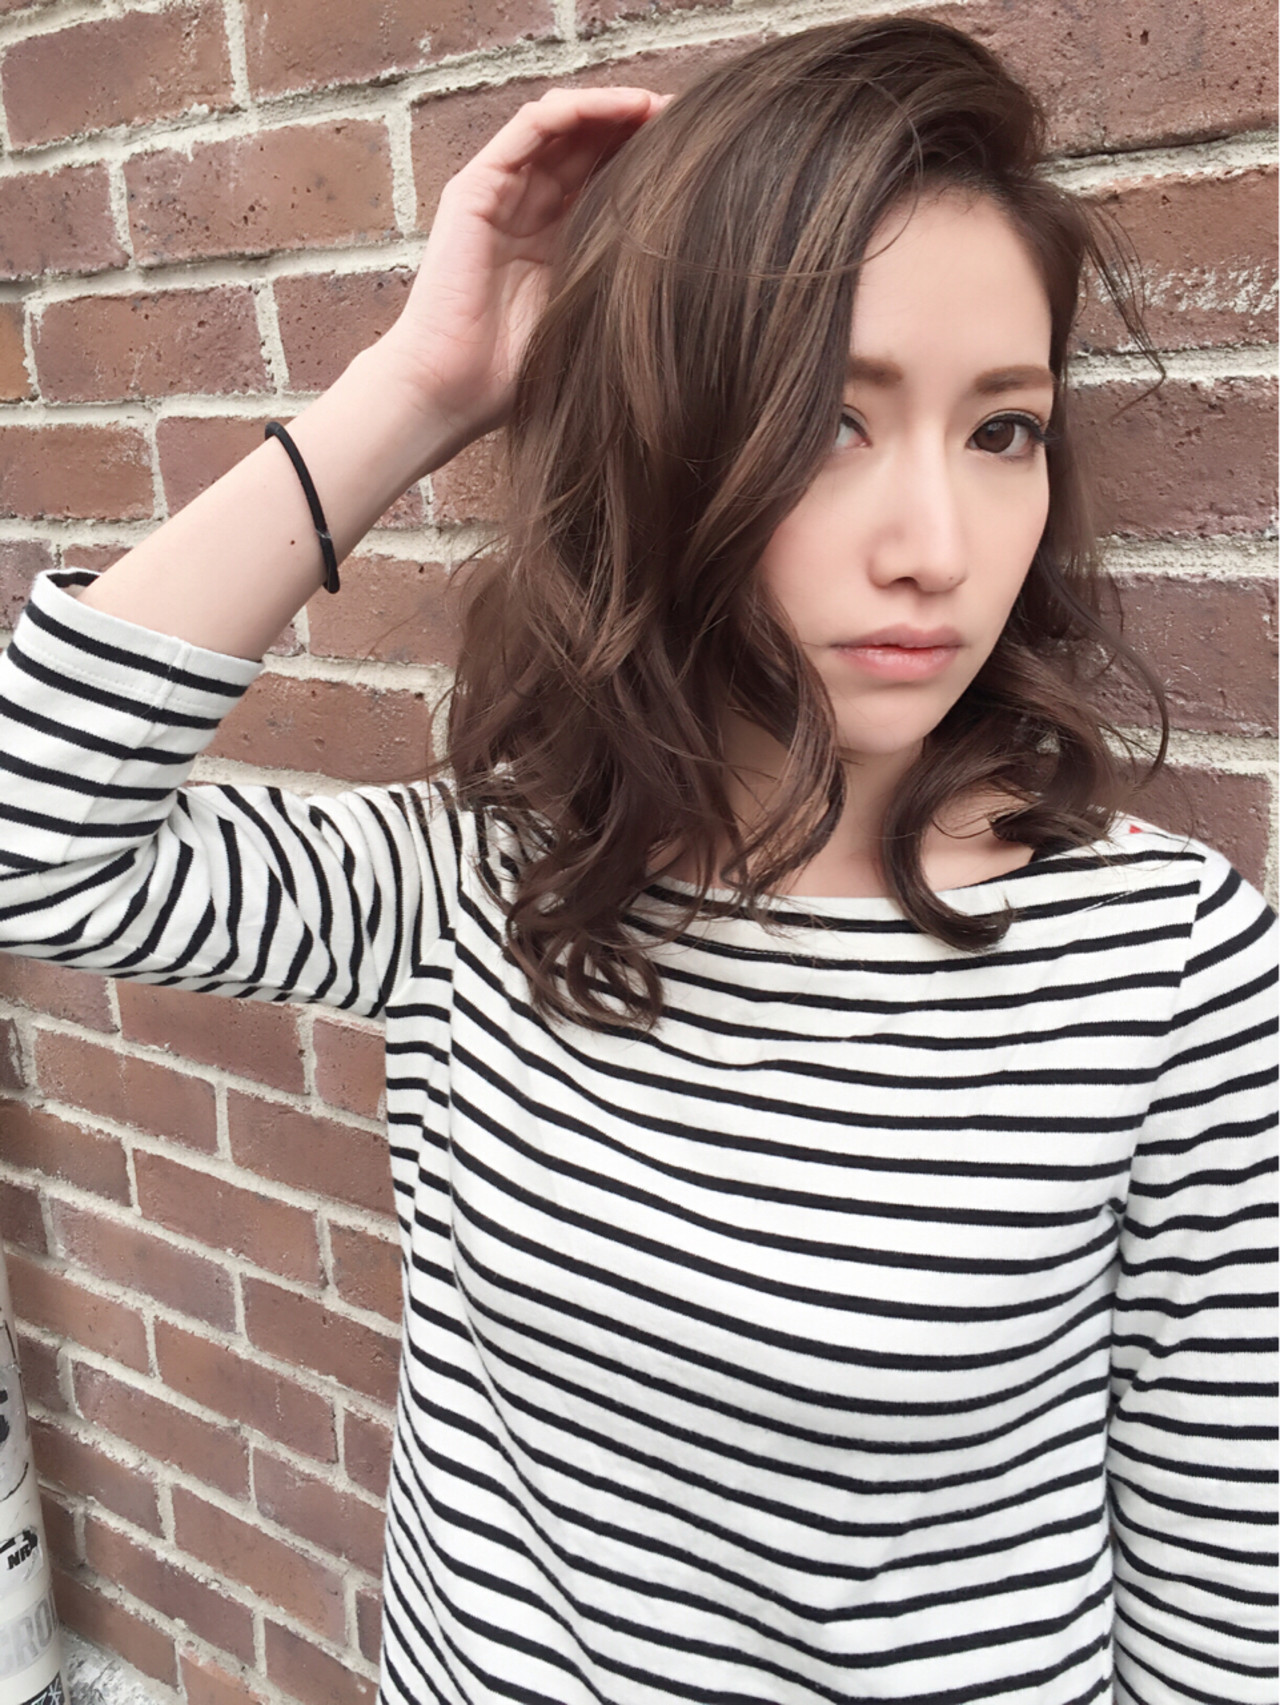 ブラウン ミディアム アッシュ パーマ ヘアスタイルや髪型の写真・画像 | MAKOTO / Camellia吉祥寺